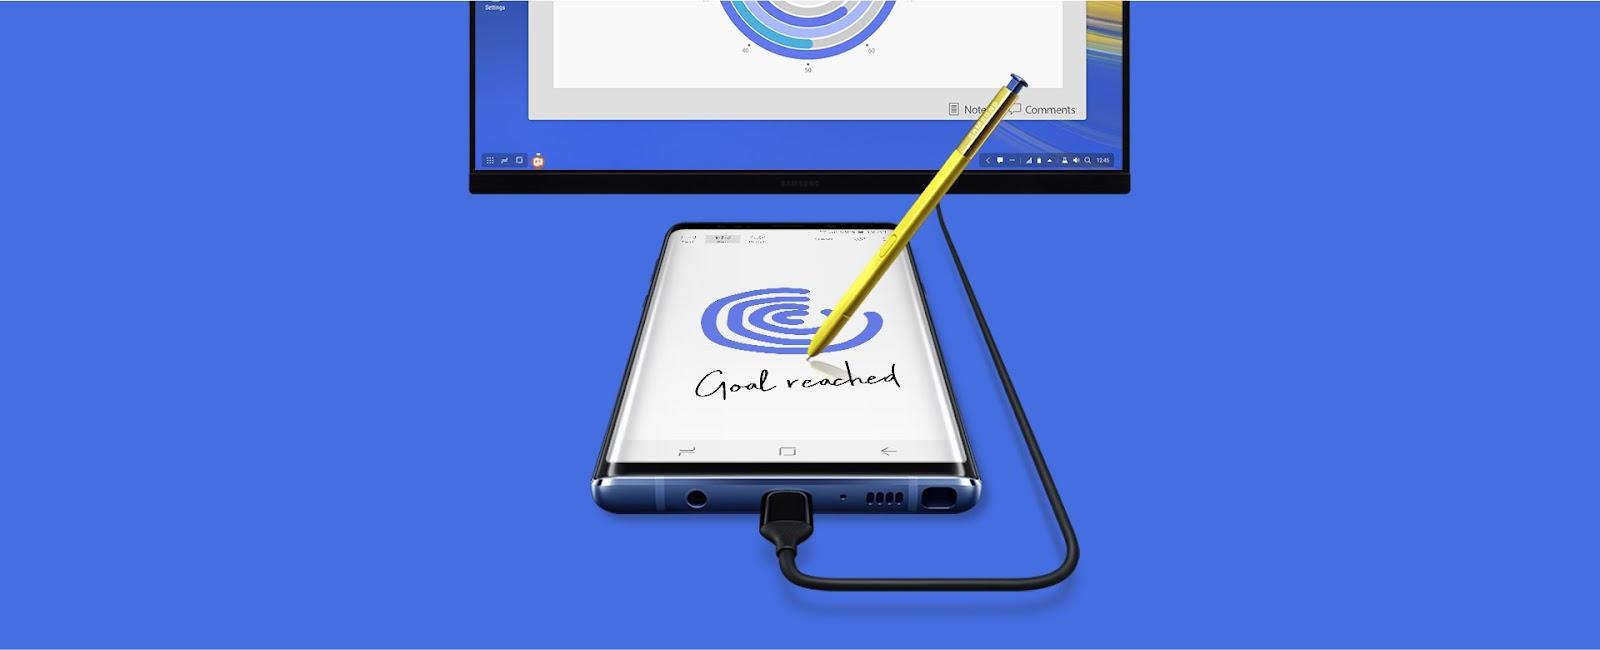 Hình ảnh Galaxy Note9 được kết nối với màn hình qua bộ tiếp hợp HDMI nhỏ